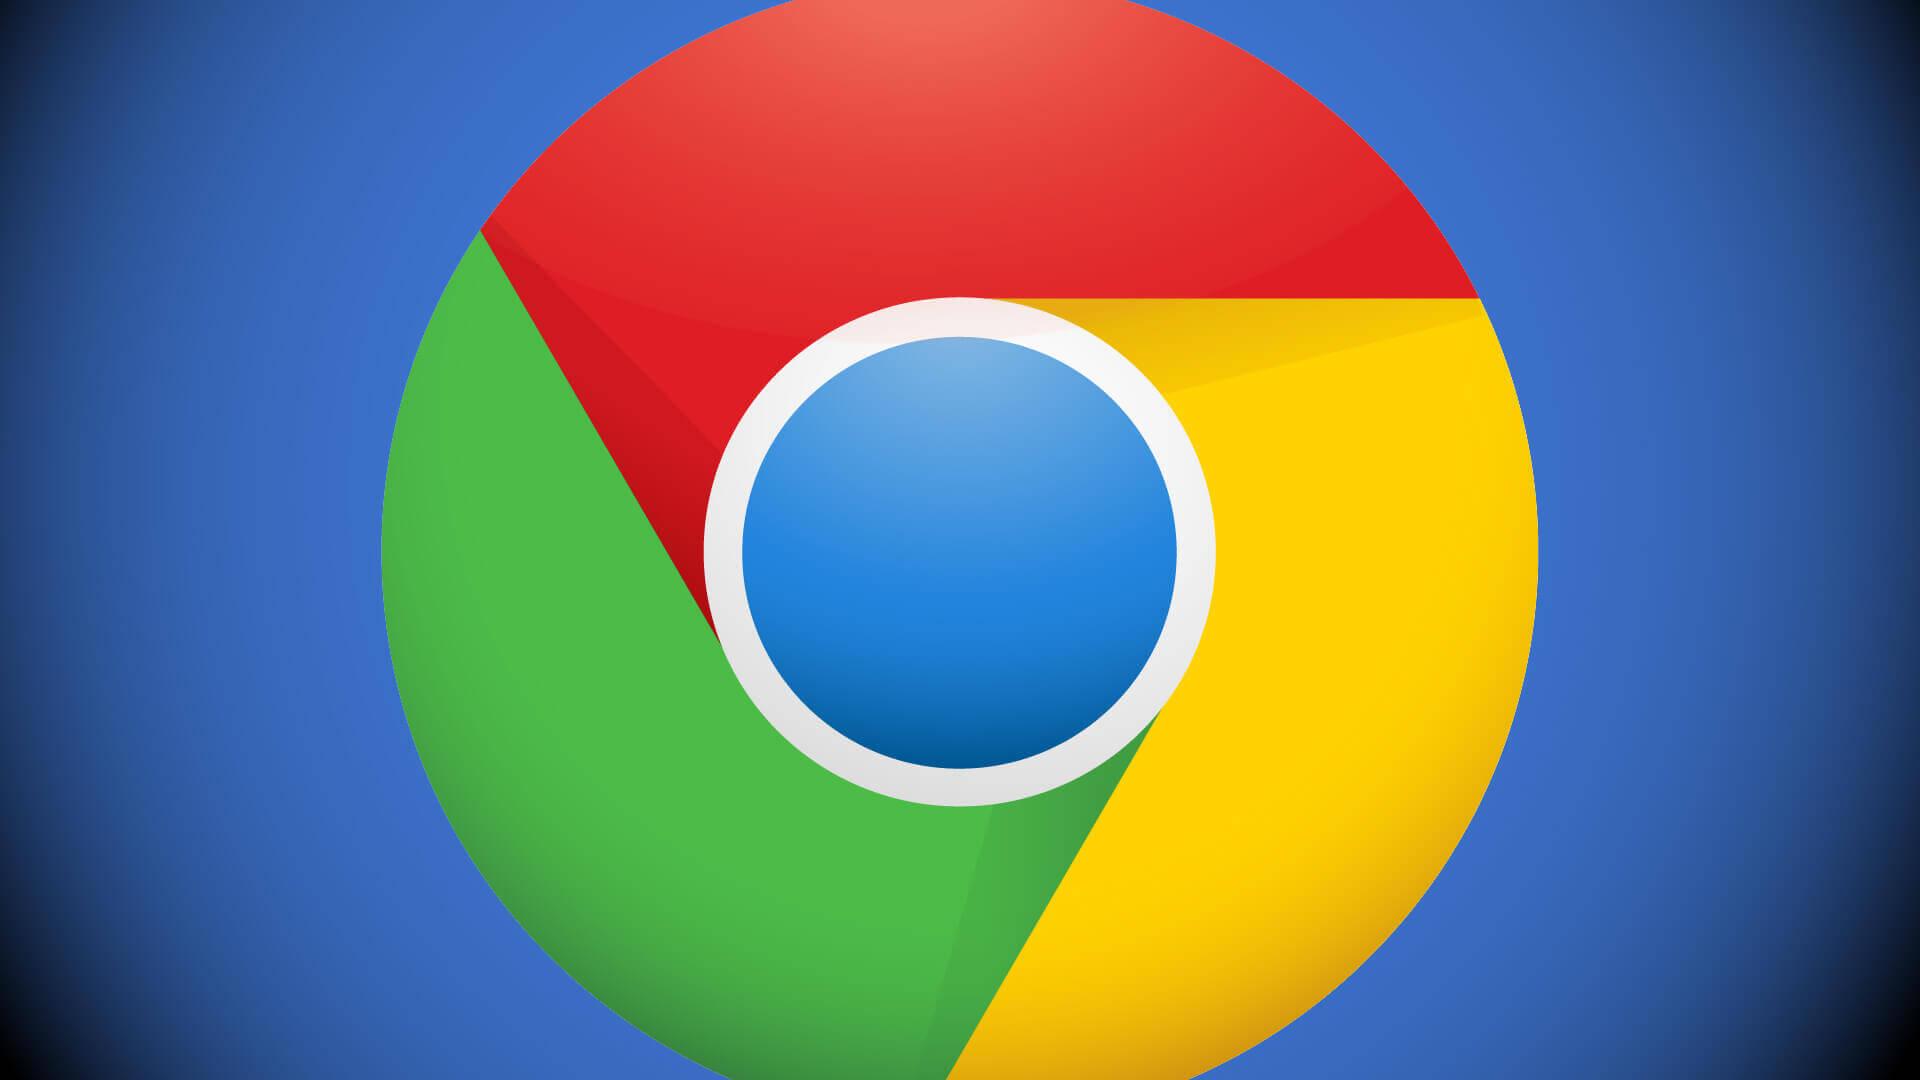 Как открыть любой заблокированный сайт в Chrome